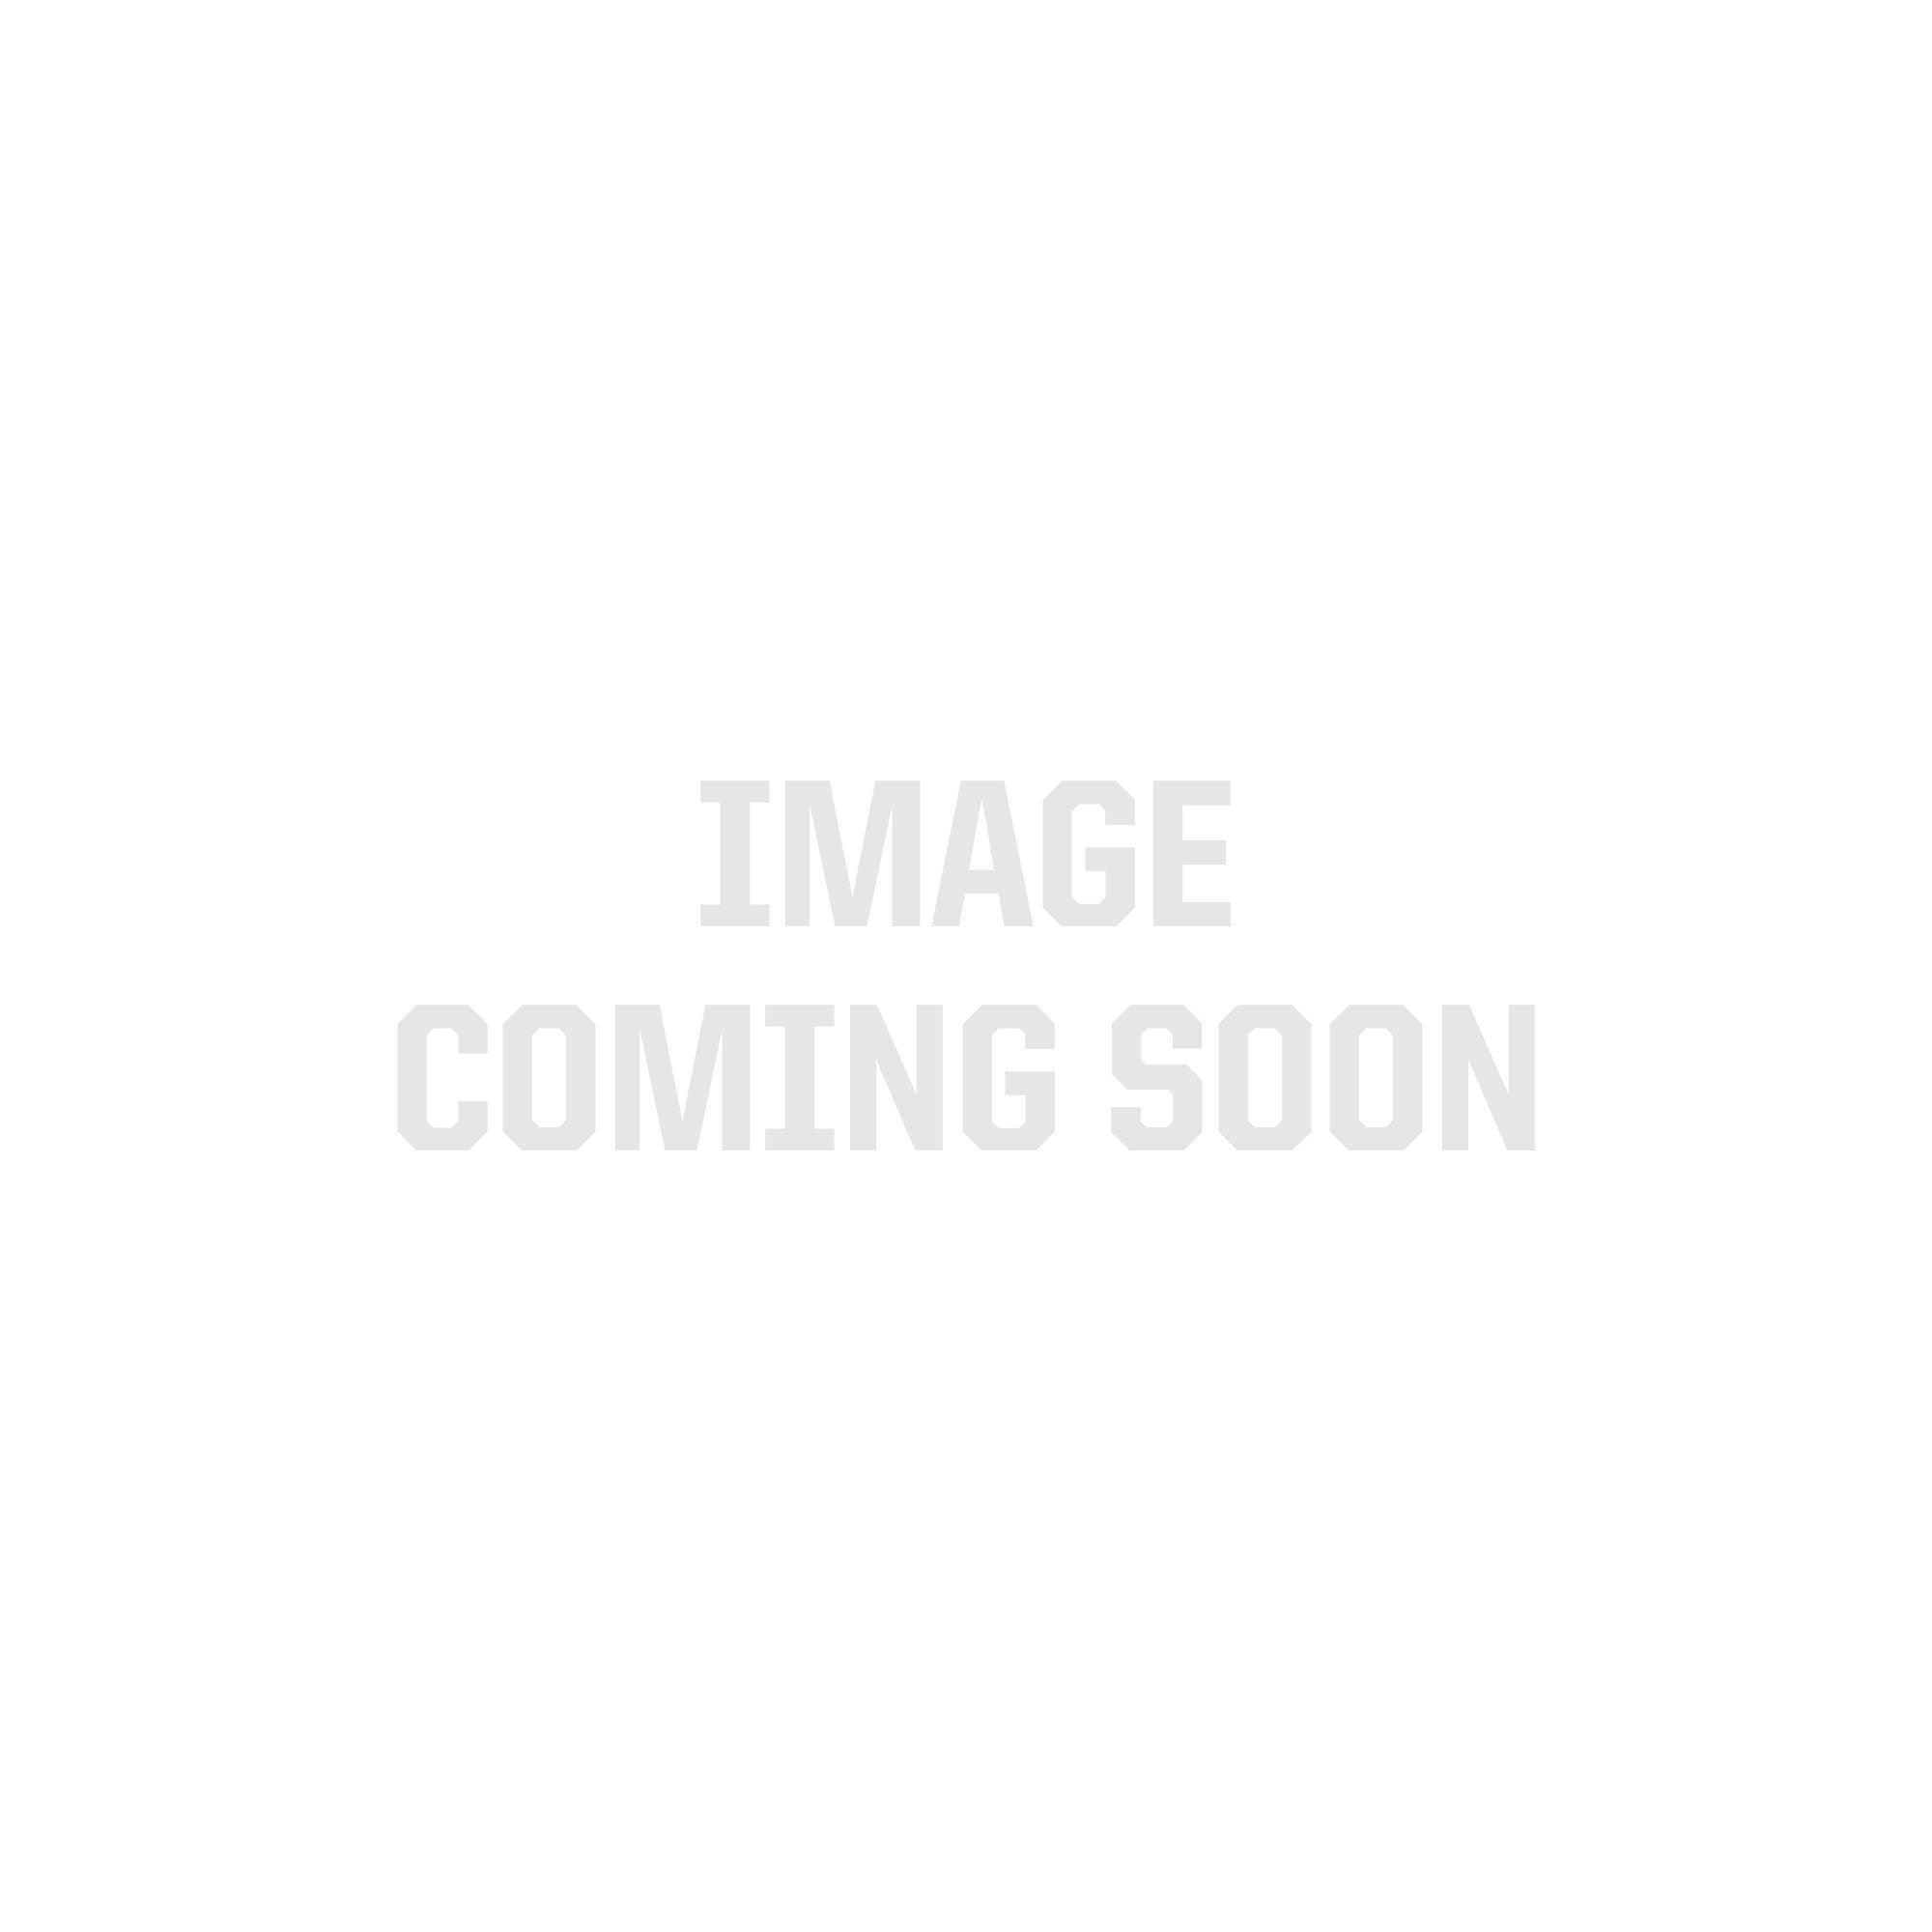 HEXGRID 9X9 Gear Set